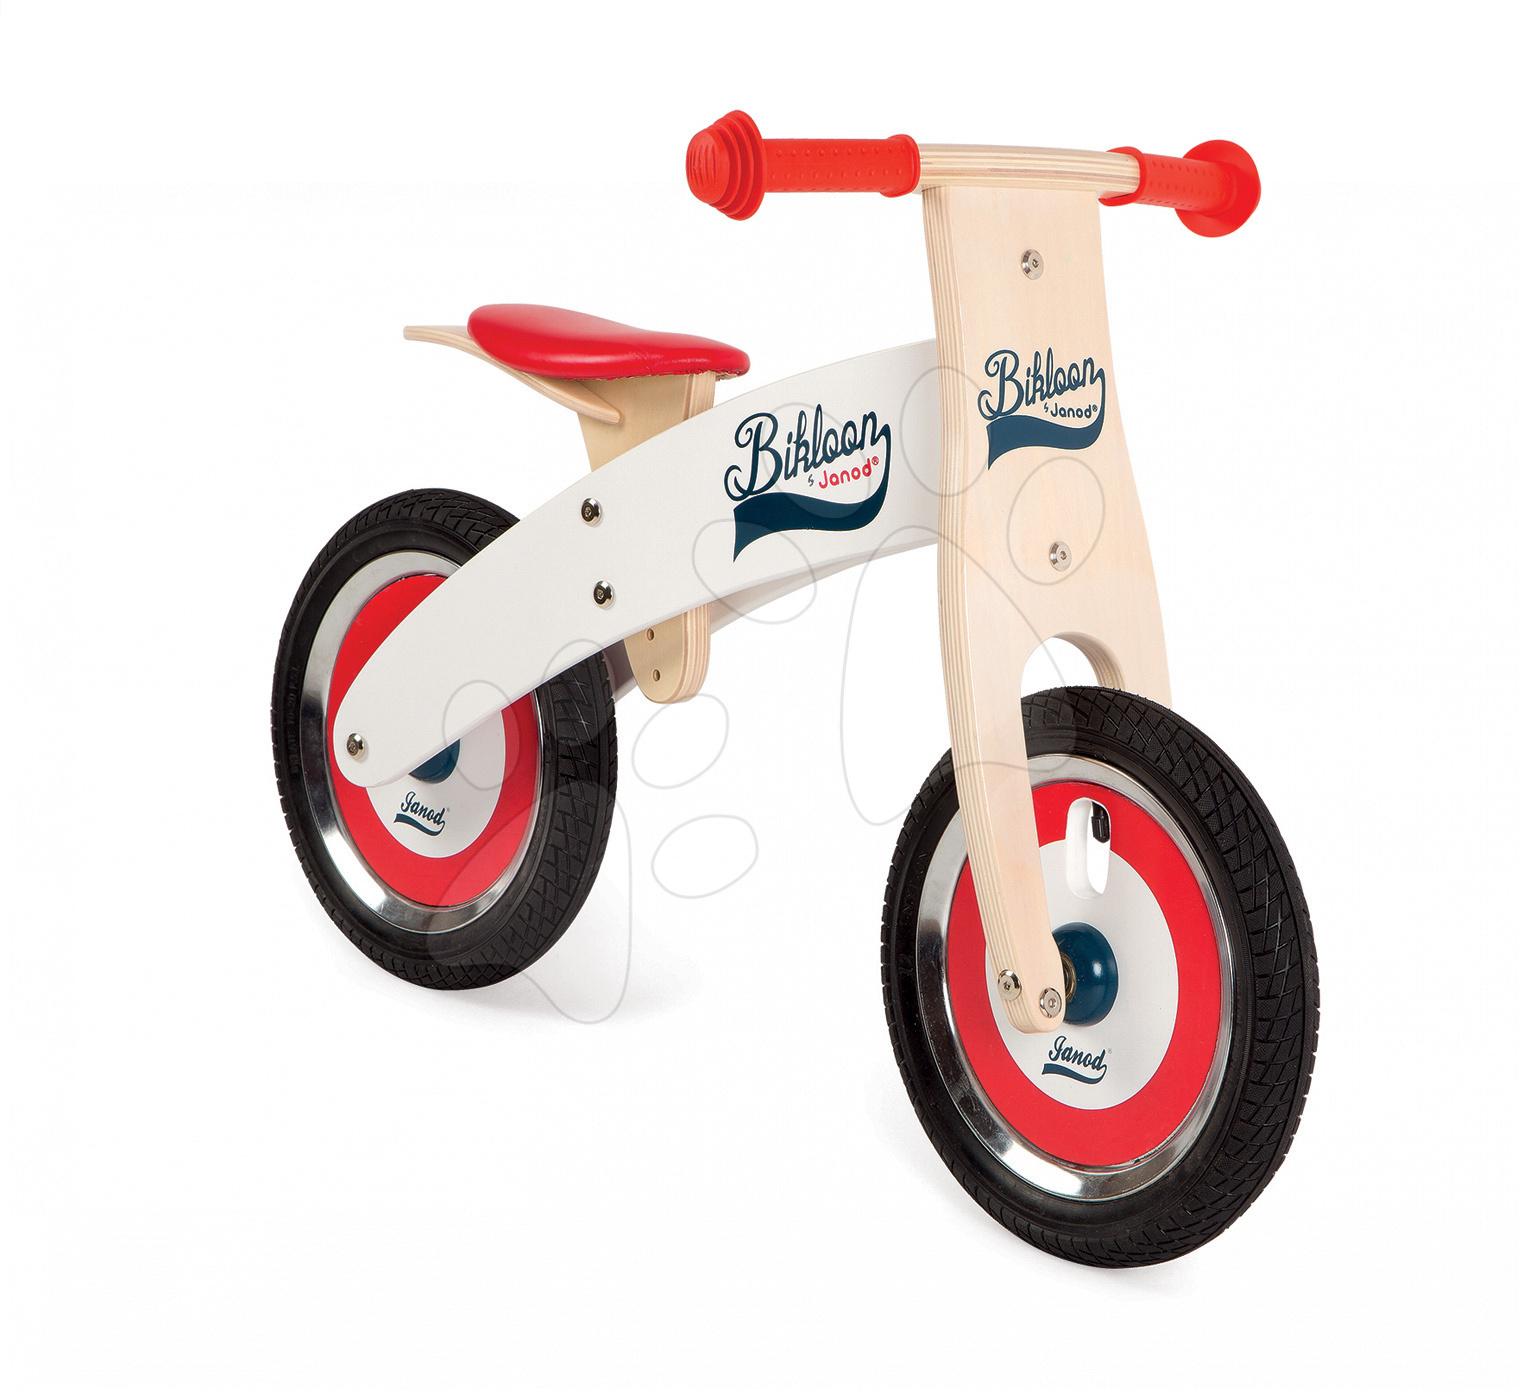 Drevené odrážadlá - Drevený balančný bicykel Bikloon Janod Red&White od 3 rokov